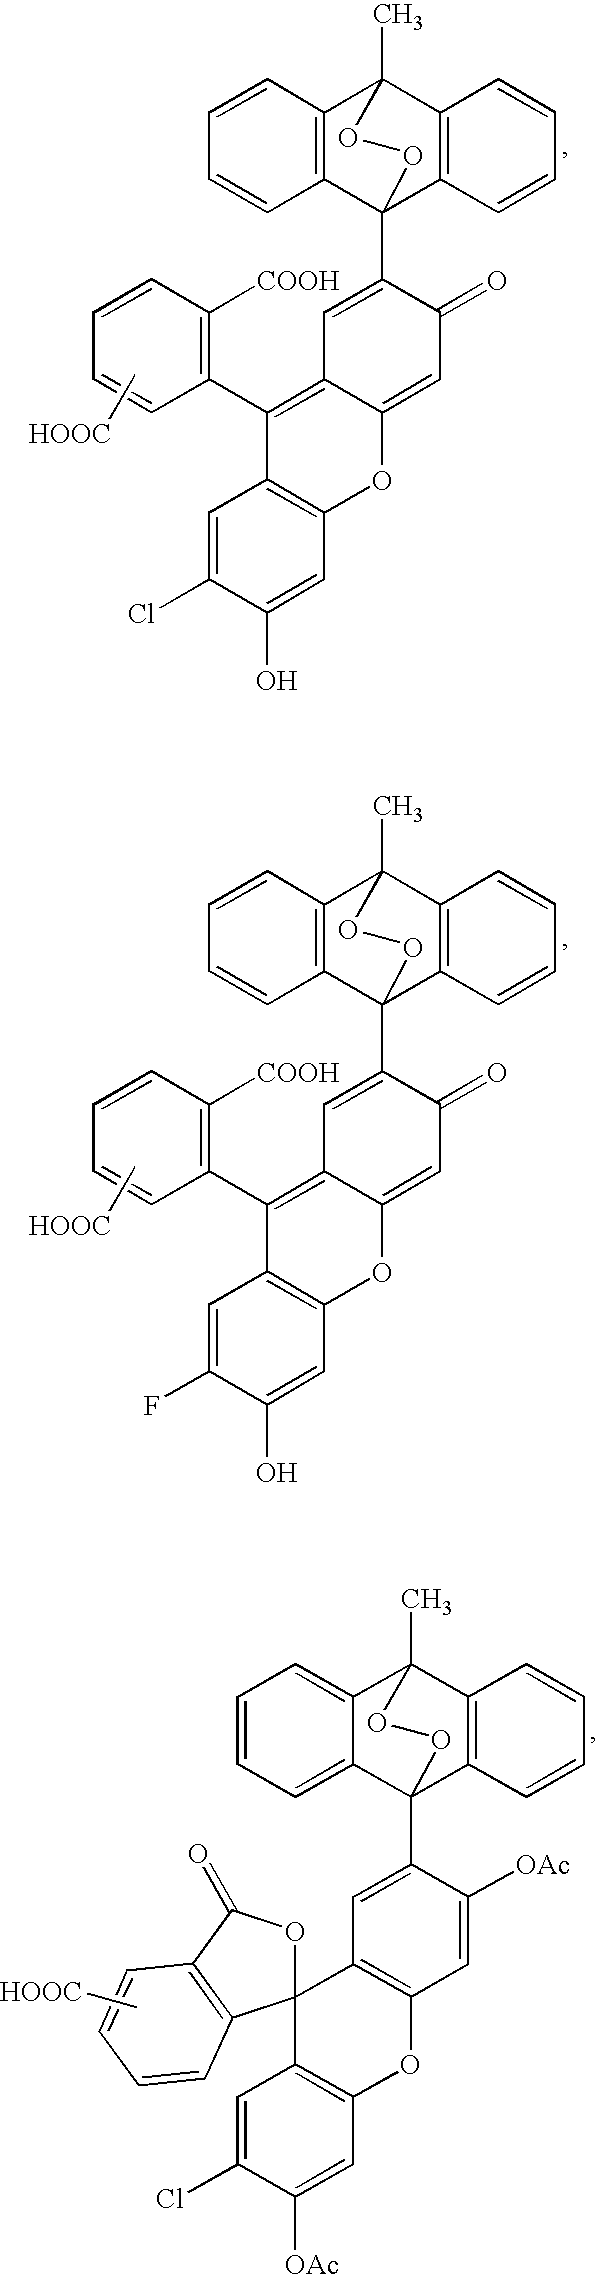 Figure US08173698-20120508-C00013